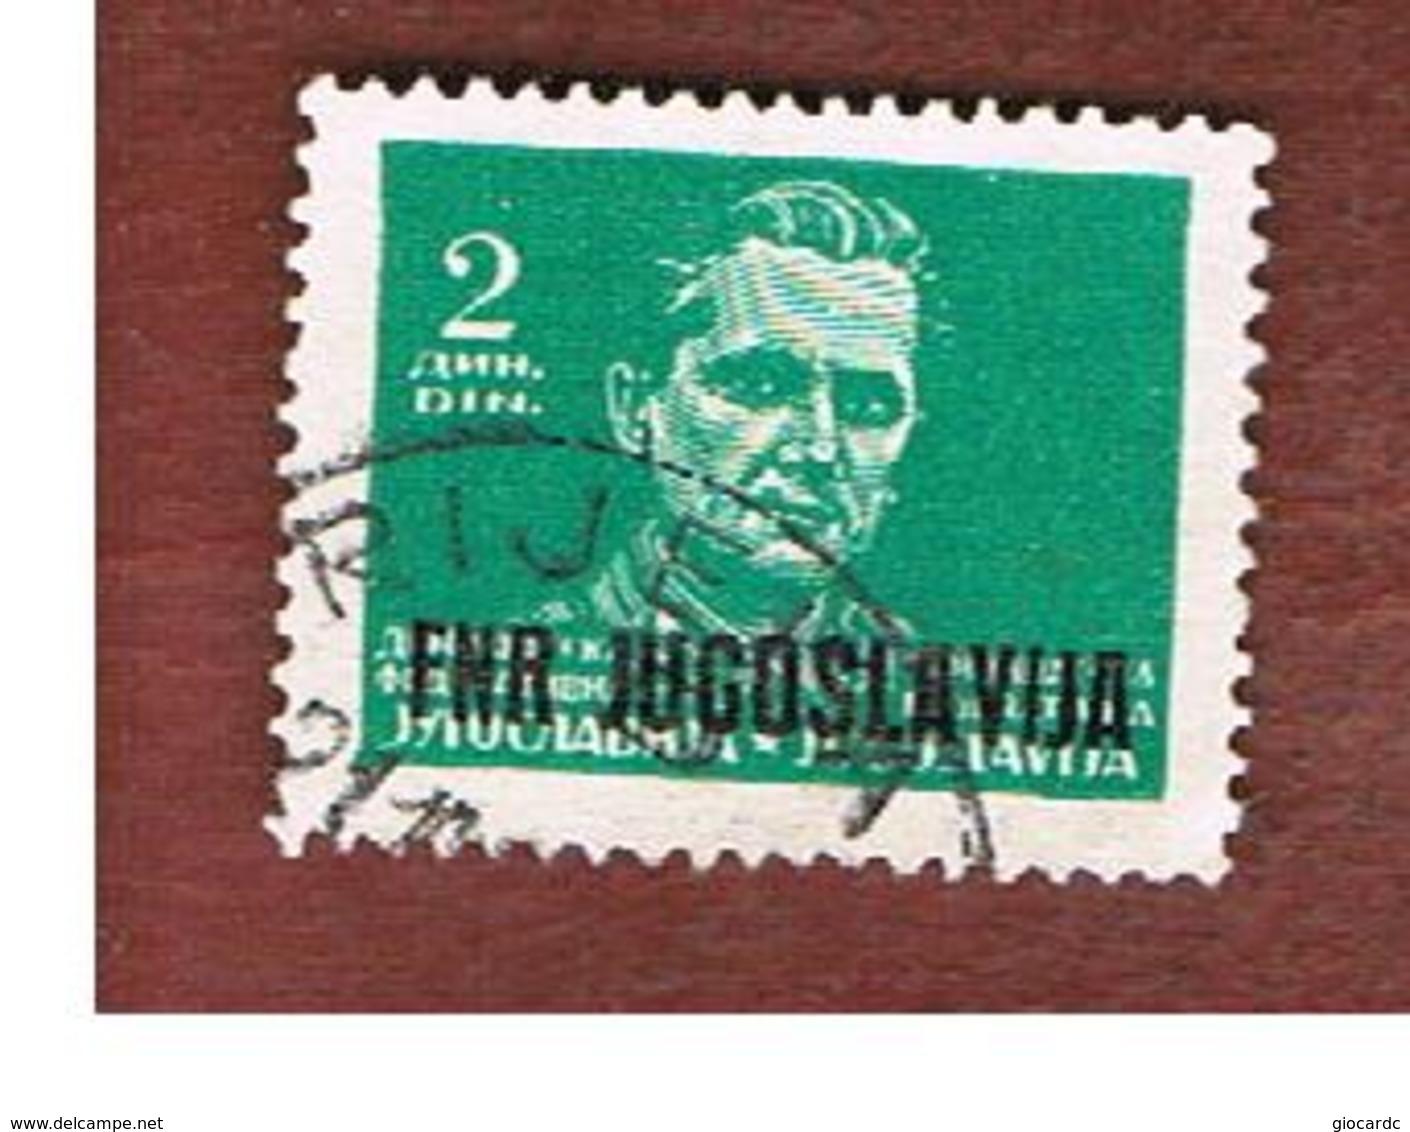 JUGOSLAVIA (YUGOSLAVIA)   - SG 623  -    1950 MARSHAL TITO OVEPRINTED -   USED - 1945-1992 Repubblica Socialista Federale Di Jugoslavia